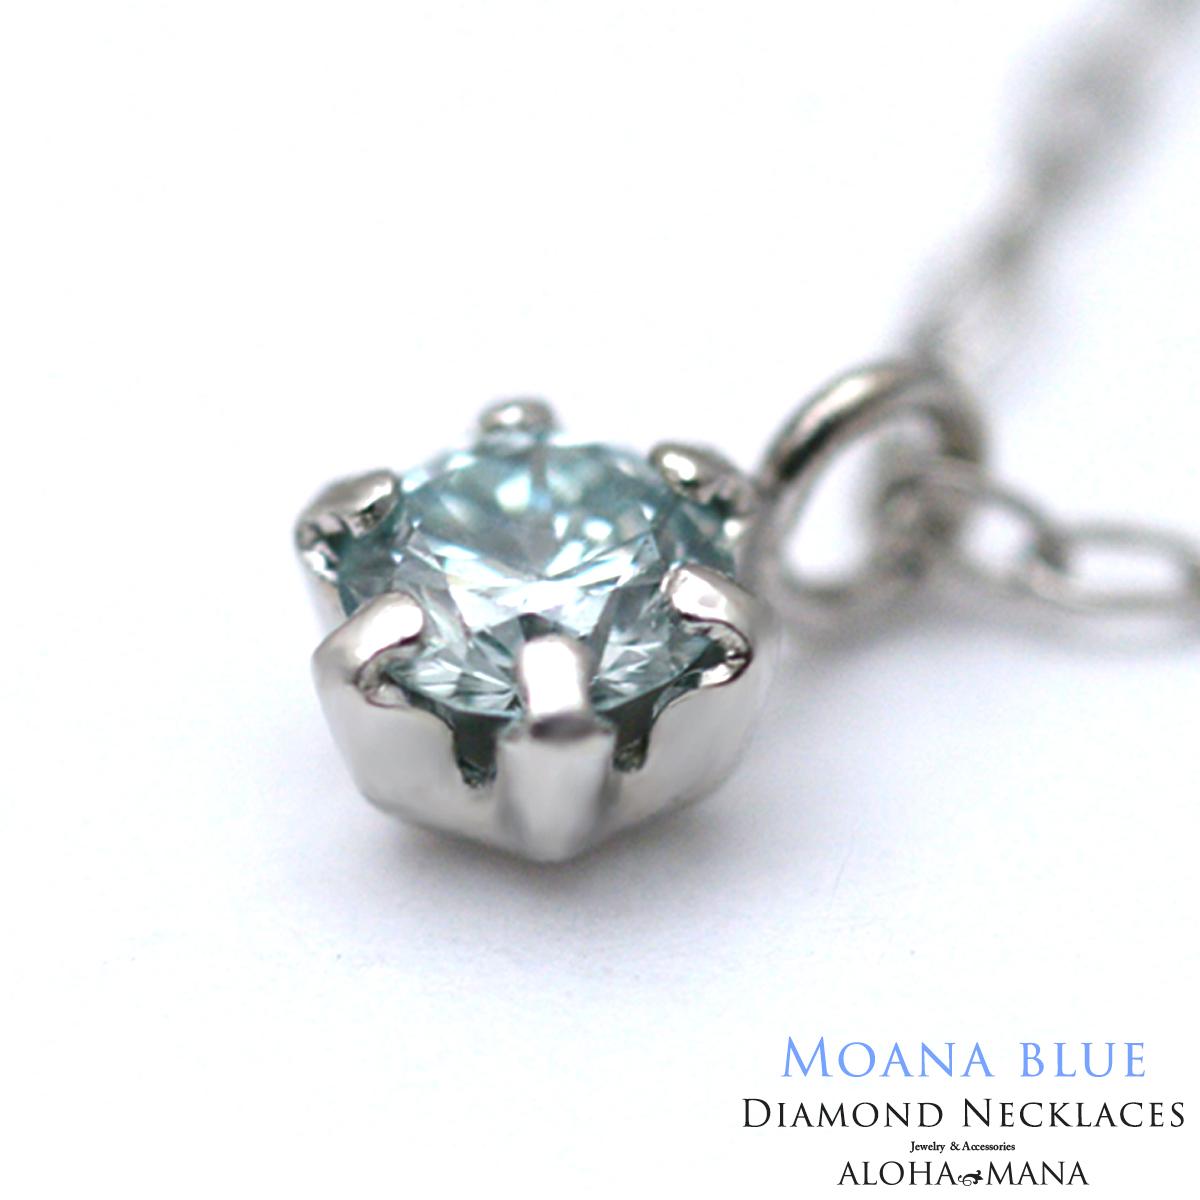 ハワイアンジュエリー ネックレス 一粒ダイヤネックレス ハワイアンファンシーカラーダイヤモンドネックレス モアナブルー 0.08ct Pt900 K18 (チェーンPt850) ane1619